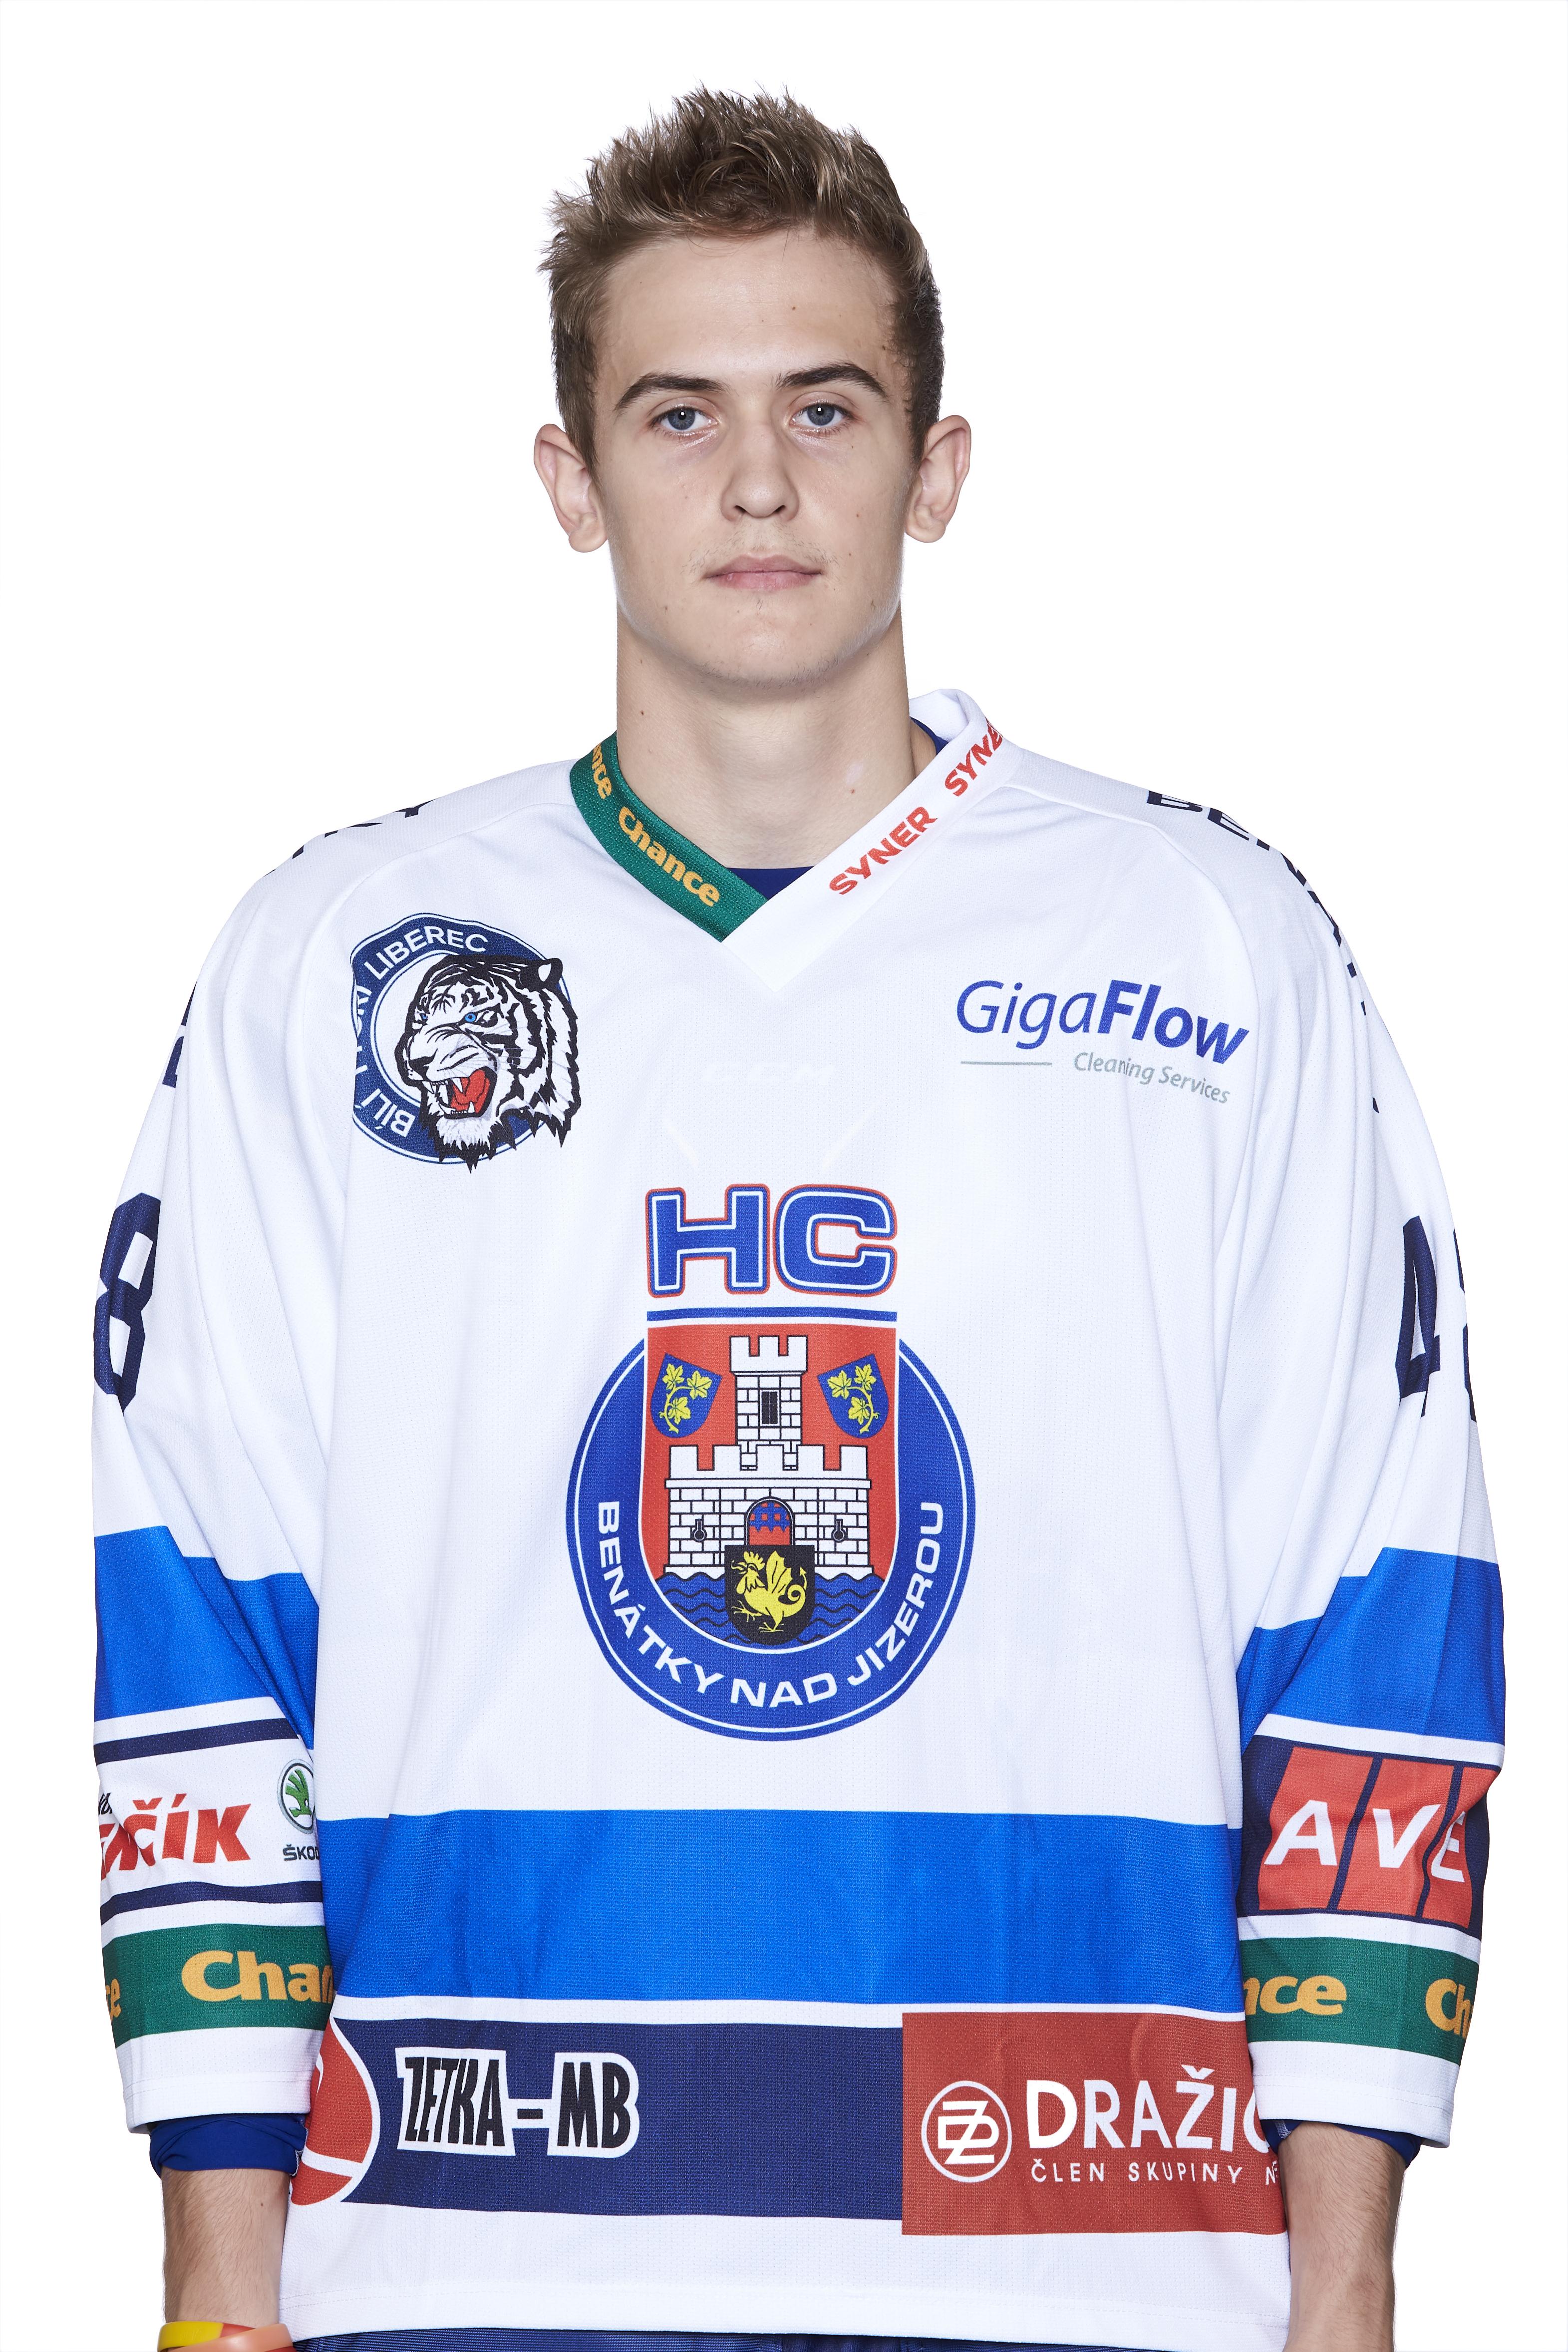 Jakub Žůrek #73